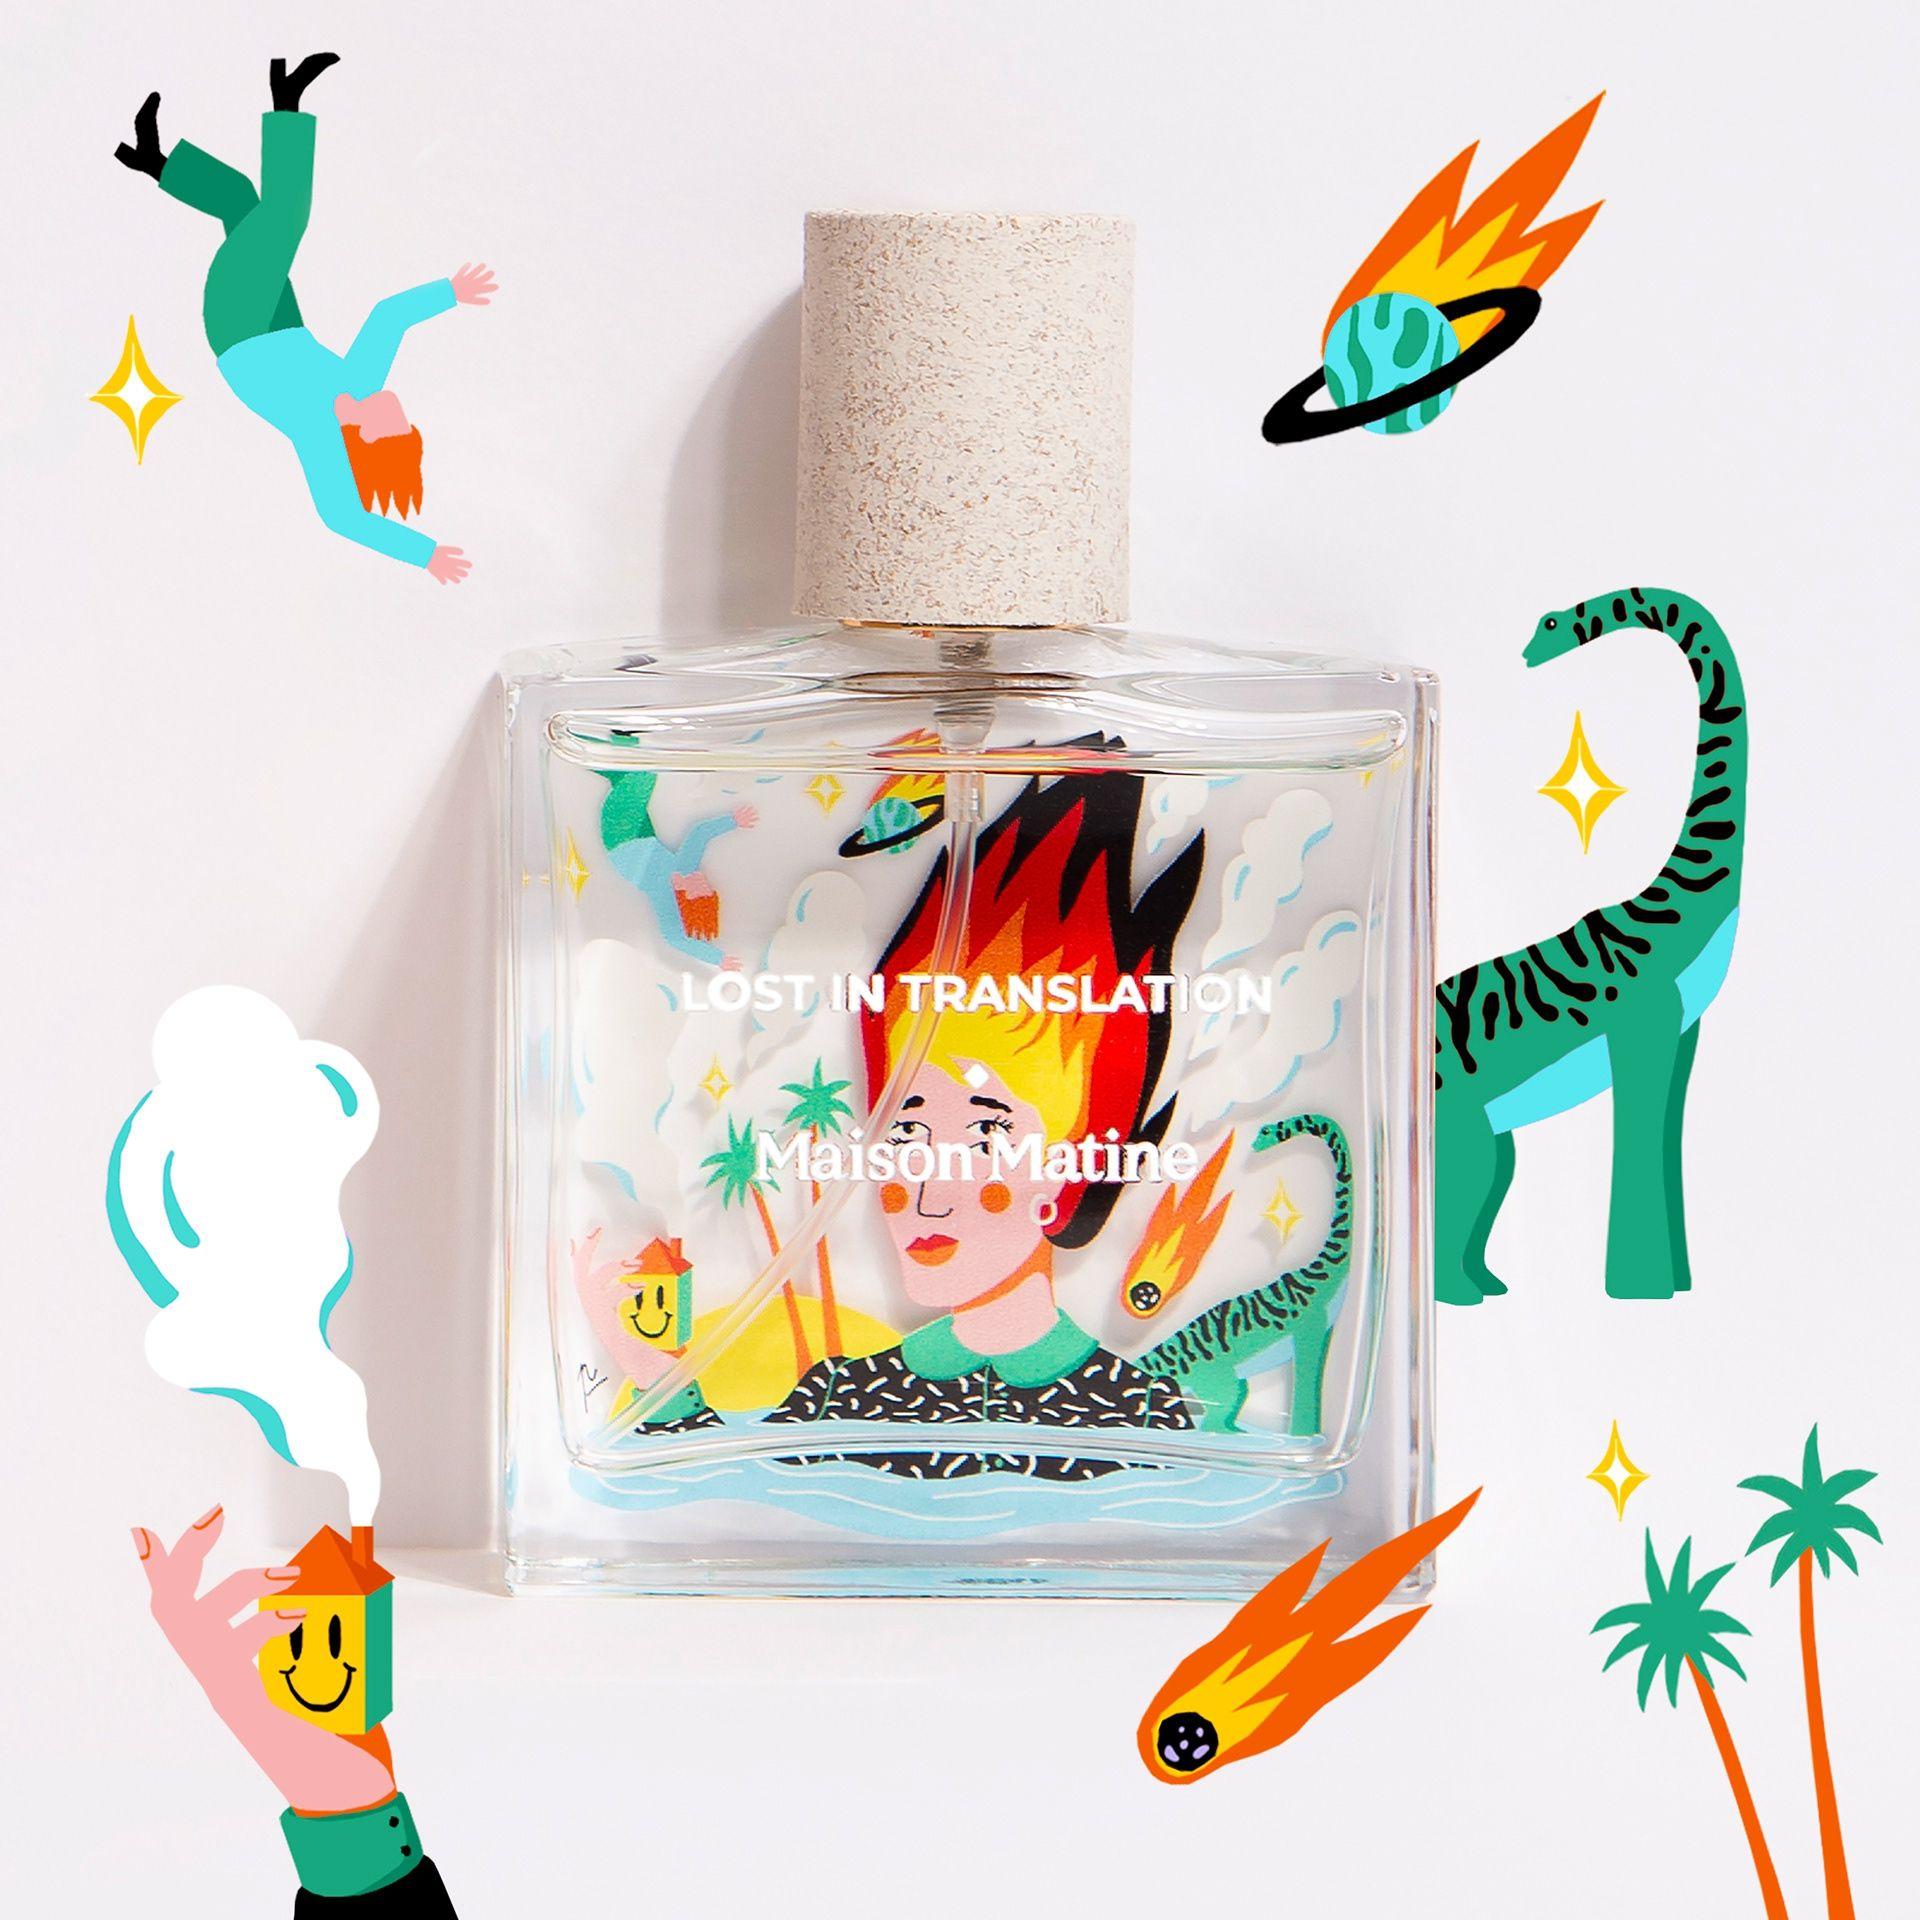 手绘插画风格—香水瓶身图案设计